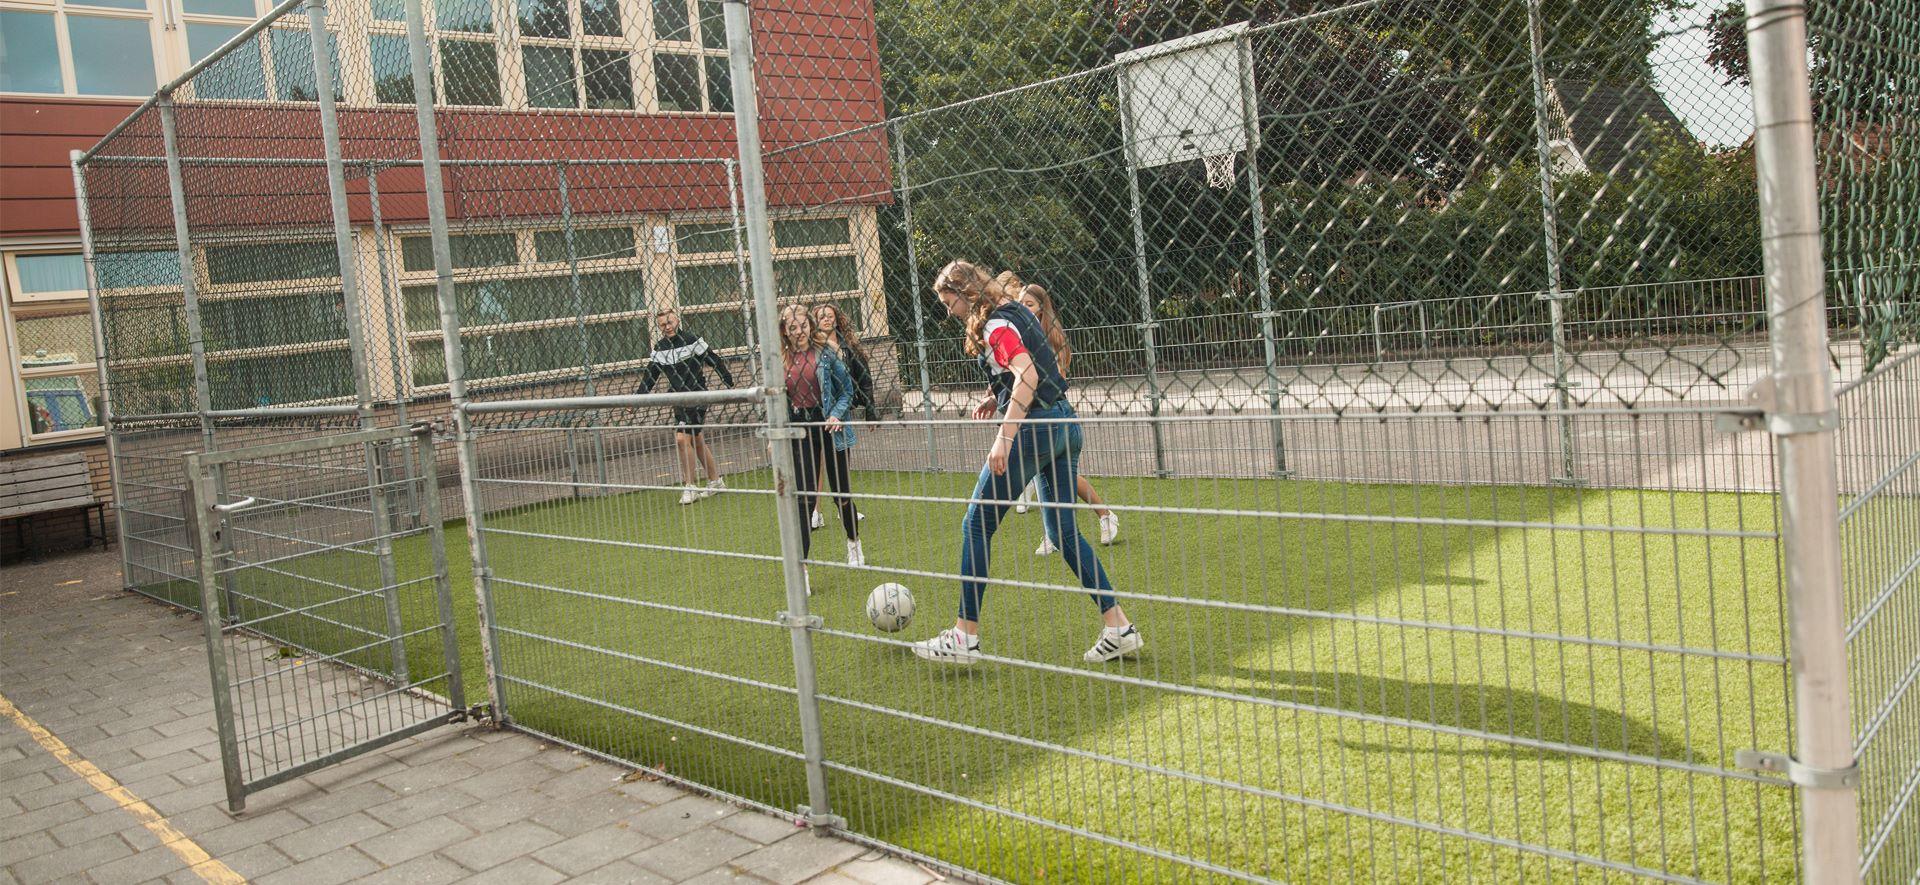 https://www.ubboemmius.nl/wp-content/uploads/2018/09/20180823_Ubbo_online_beeldmateriaal_bronbestand_17_KB_sport.jpg